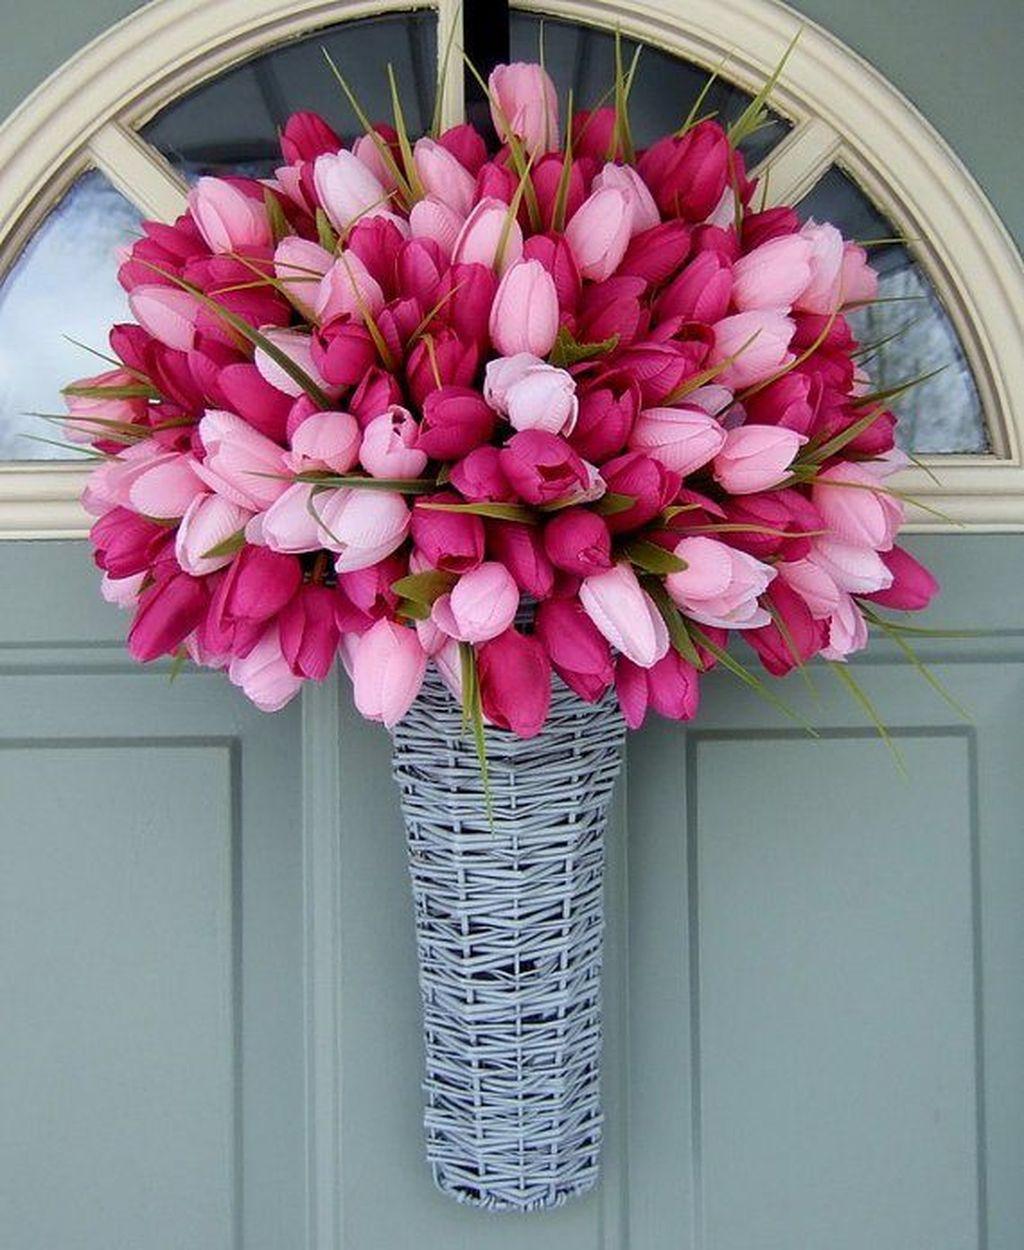 Popular Spring Outdoor Decor Ideas 29